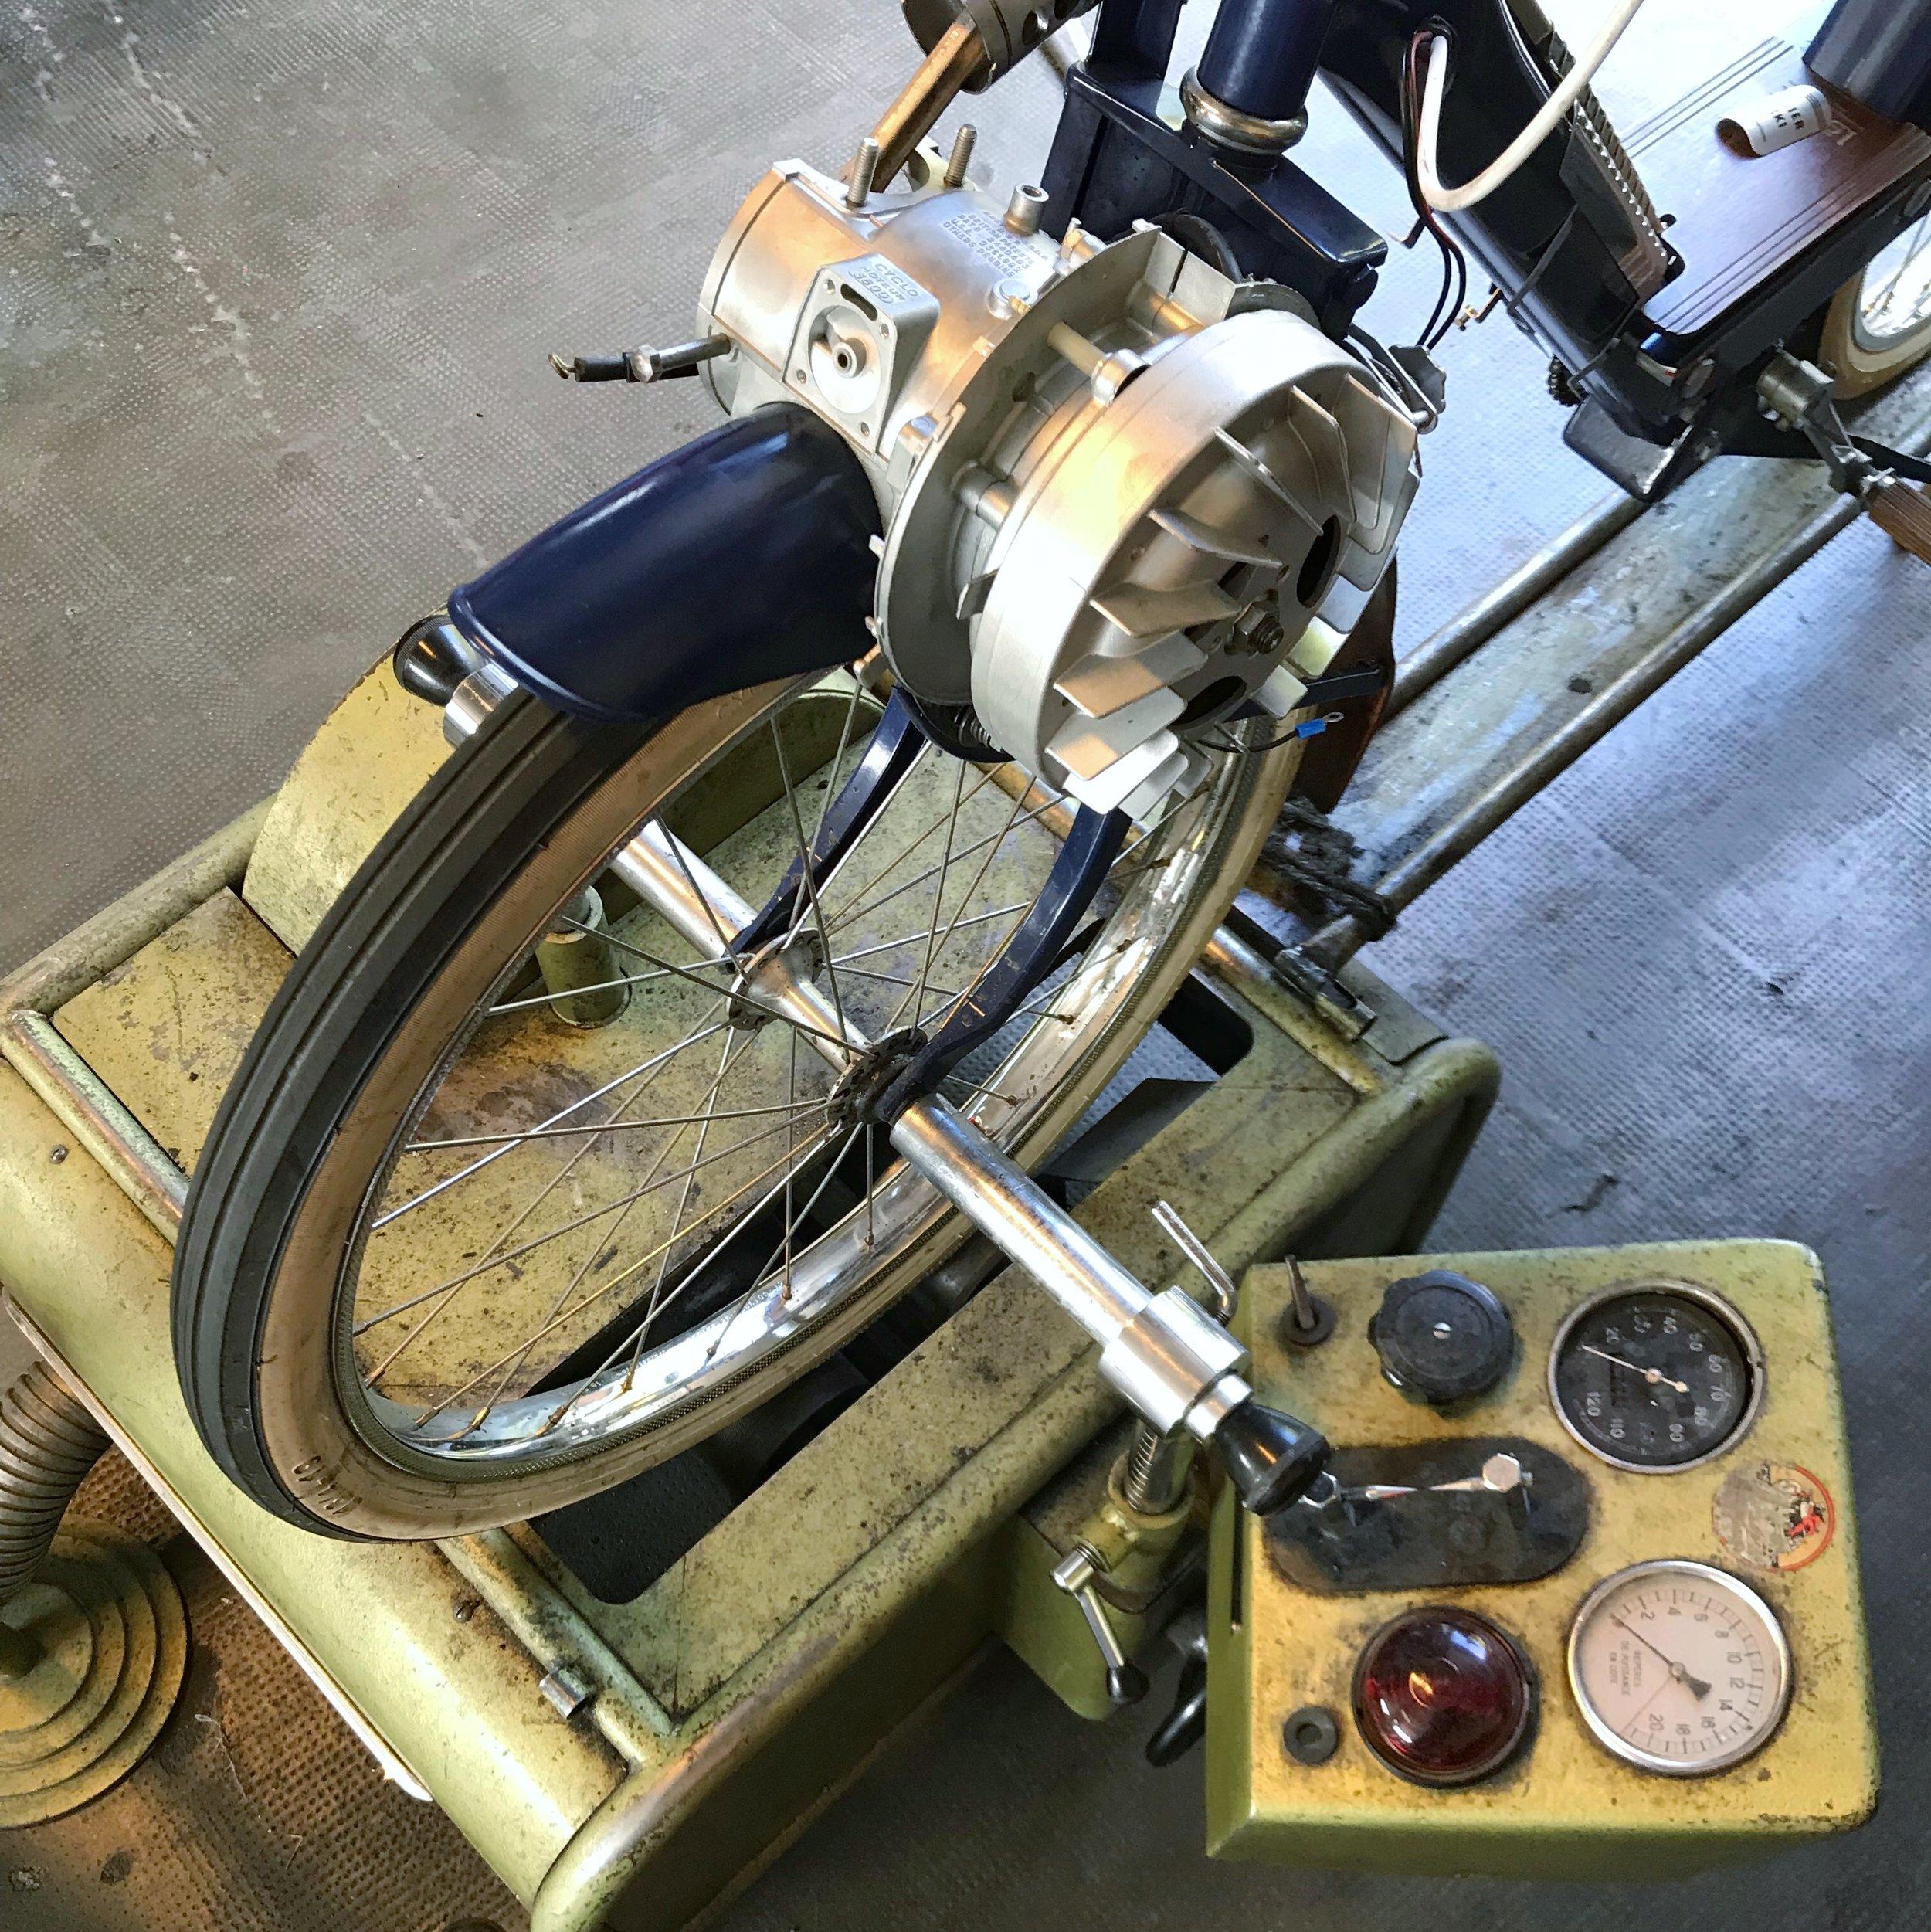 L'ATELIER - C'est dans notre atelier en Bourgogne que se déroule la phase de remastérisation, conduite par Baltazar, le chef d'atelier.Un solex d'origine est entièrement démonté, ses pièces traitées et sablées afin de procéder à la mise en peinture. Toutes les pièces d'usures ainsi que les chromes sont remplacés par des pièces neuves d'origines. Le moteur est démonté pour subir une révision complète.La dernière étape consiste à monter les éléments en bois et en cuir afin de d'offrir l'ultime éclat. Le Solex est livré comme neuf en moins de 8 semaines.